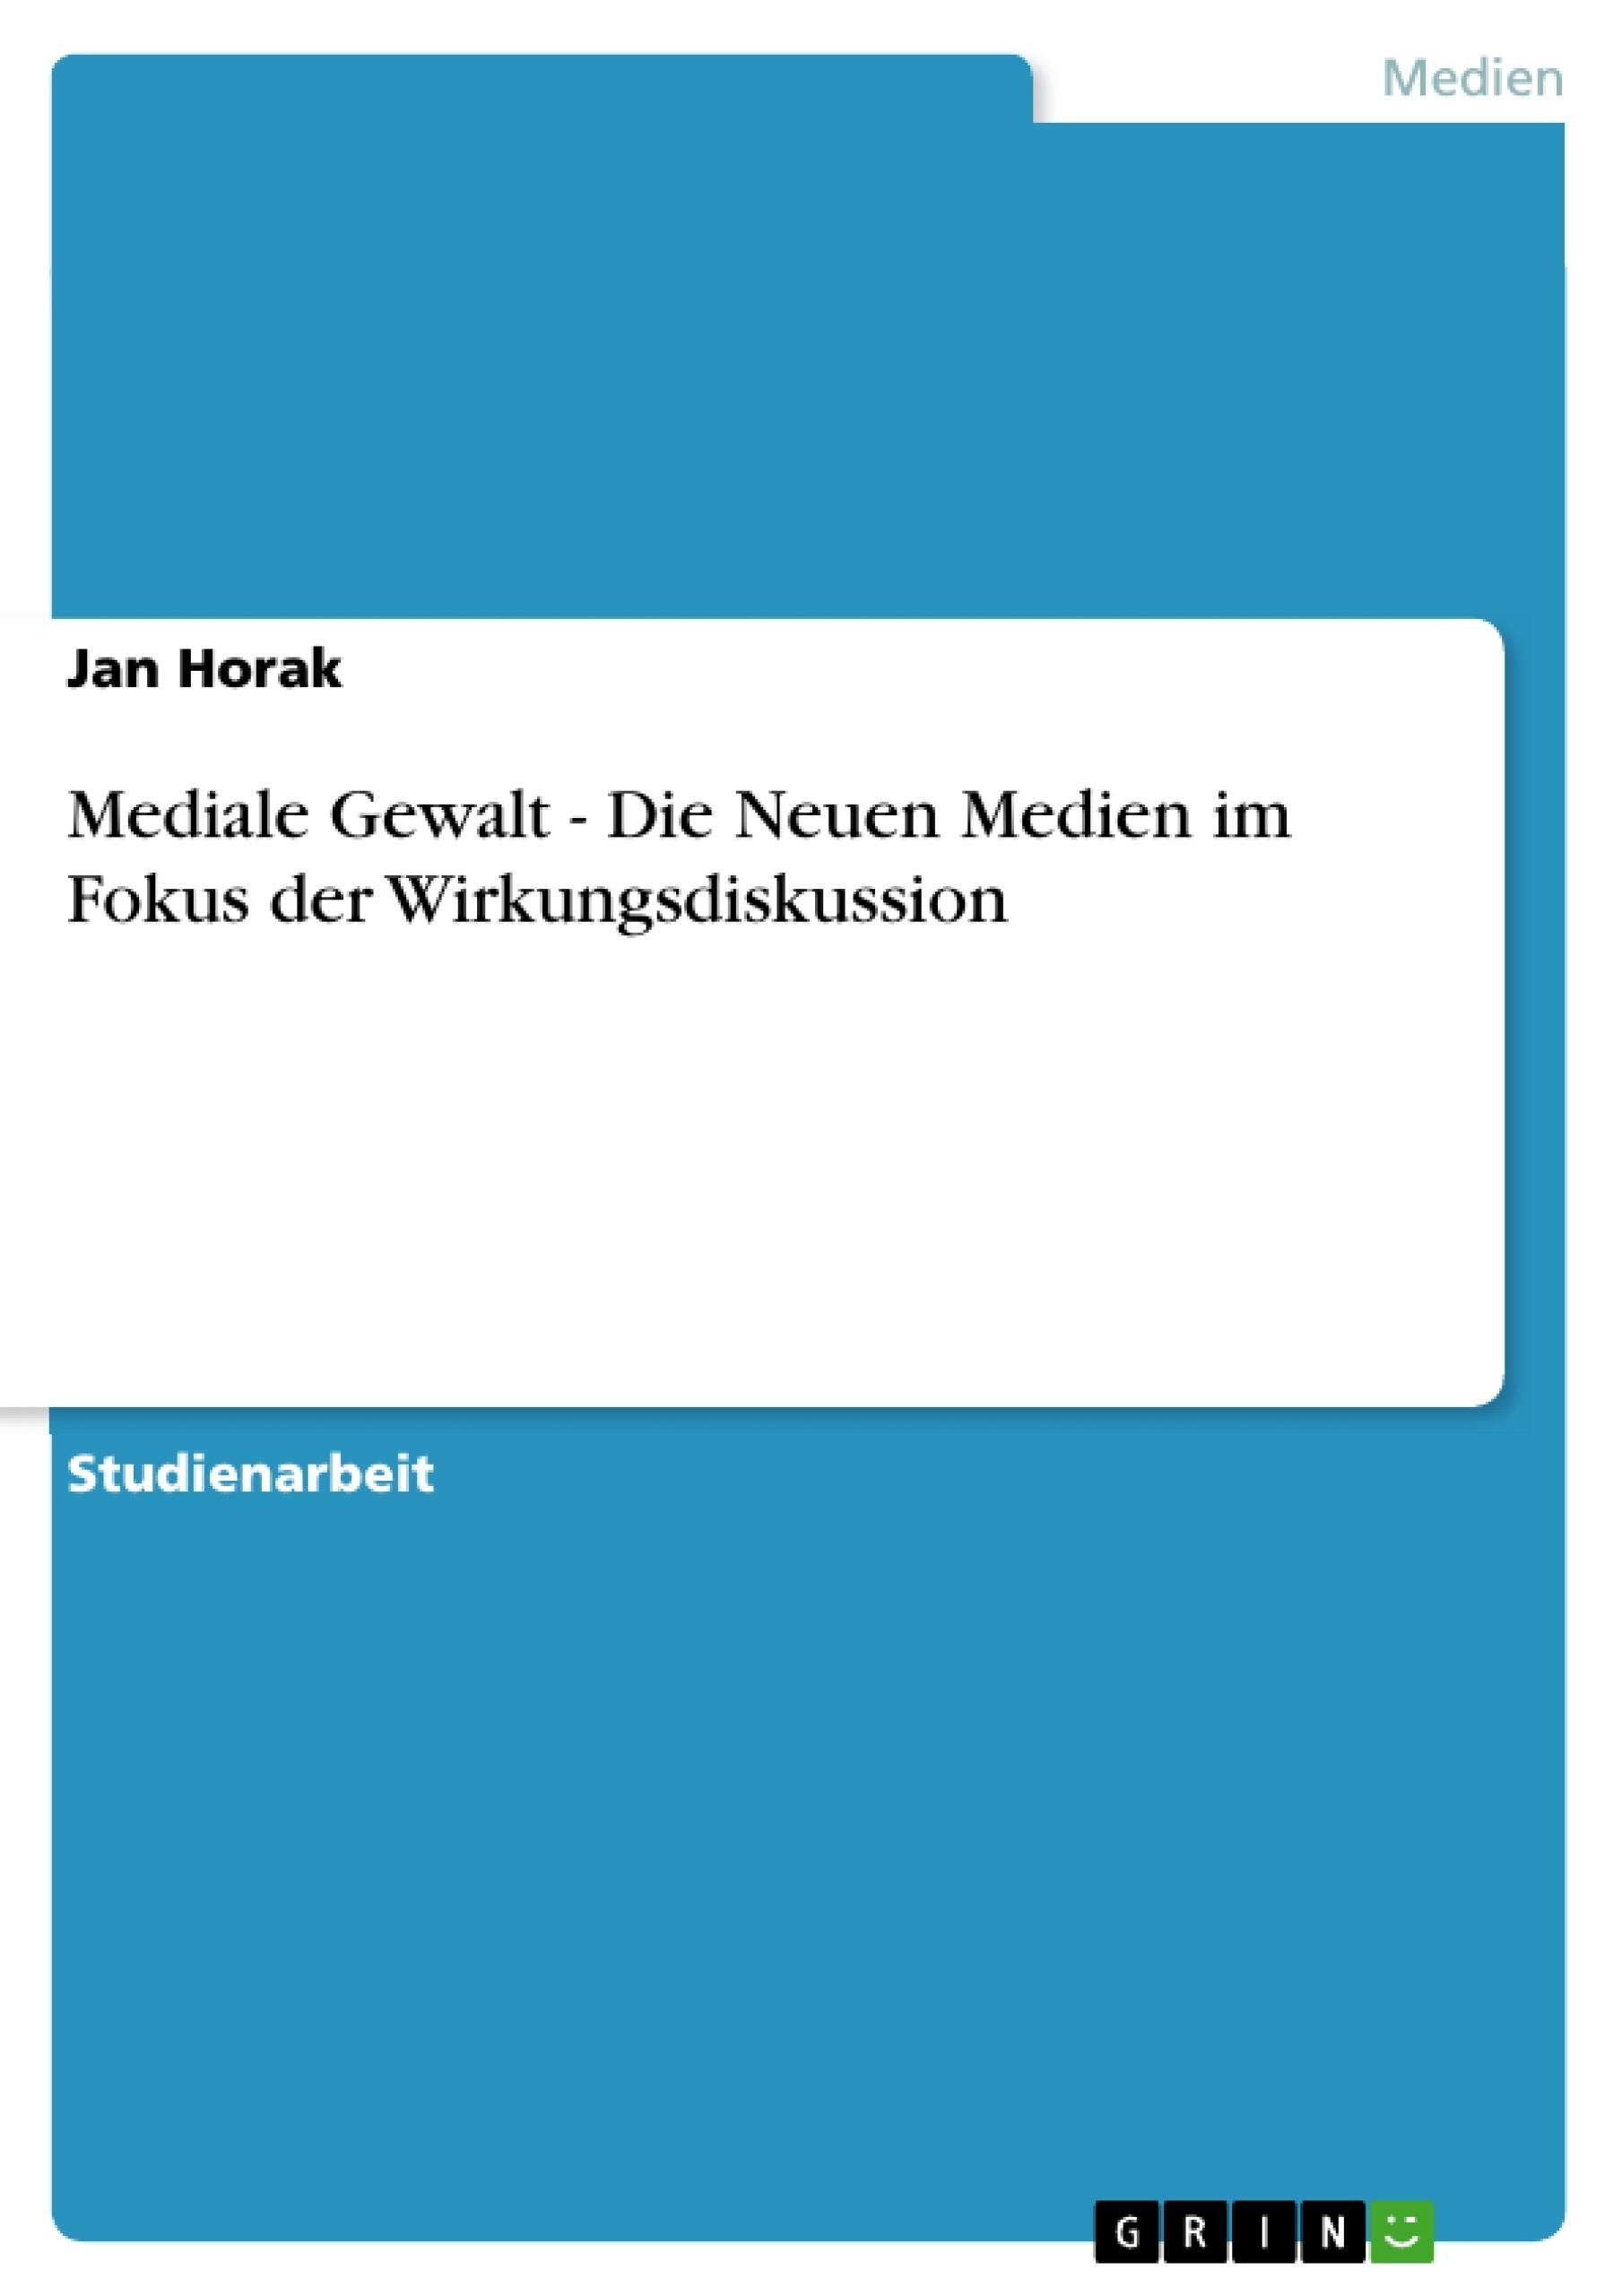 Titel: Mediale Gewalt - Die Neuen Medien im Fokus der Wirkungsdiskussion